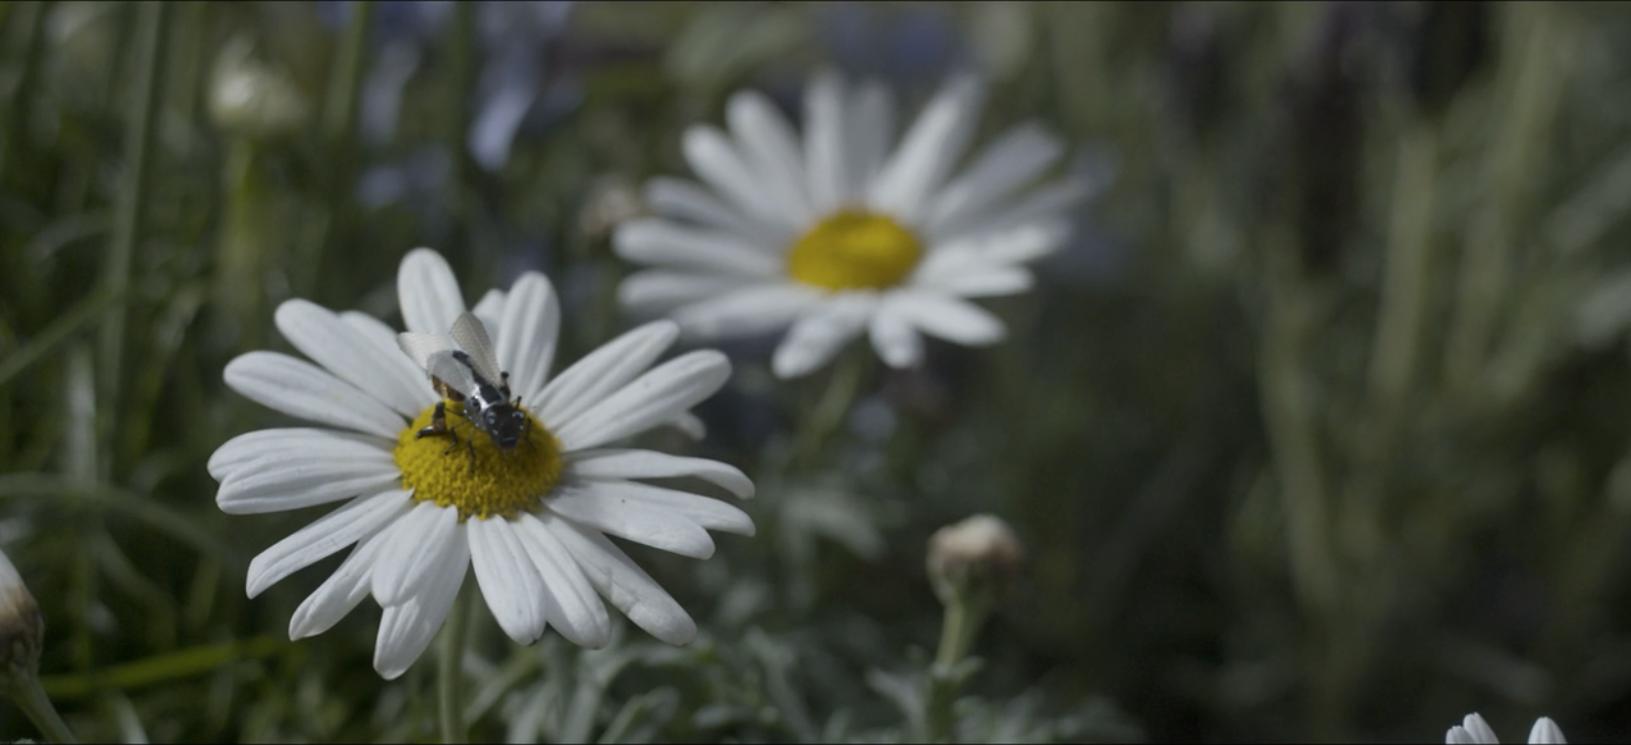 Estamos quase criando abelhinhas como essa. Vamos torcer para elas não se tornarem assassinas.